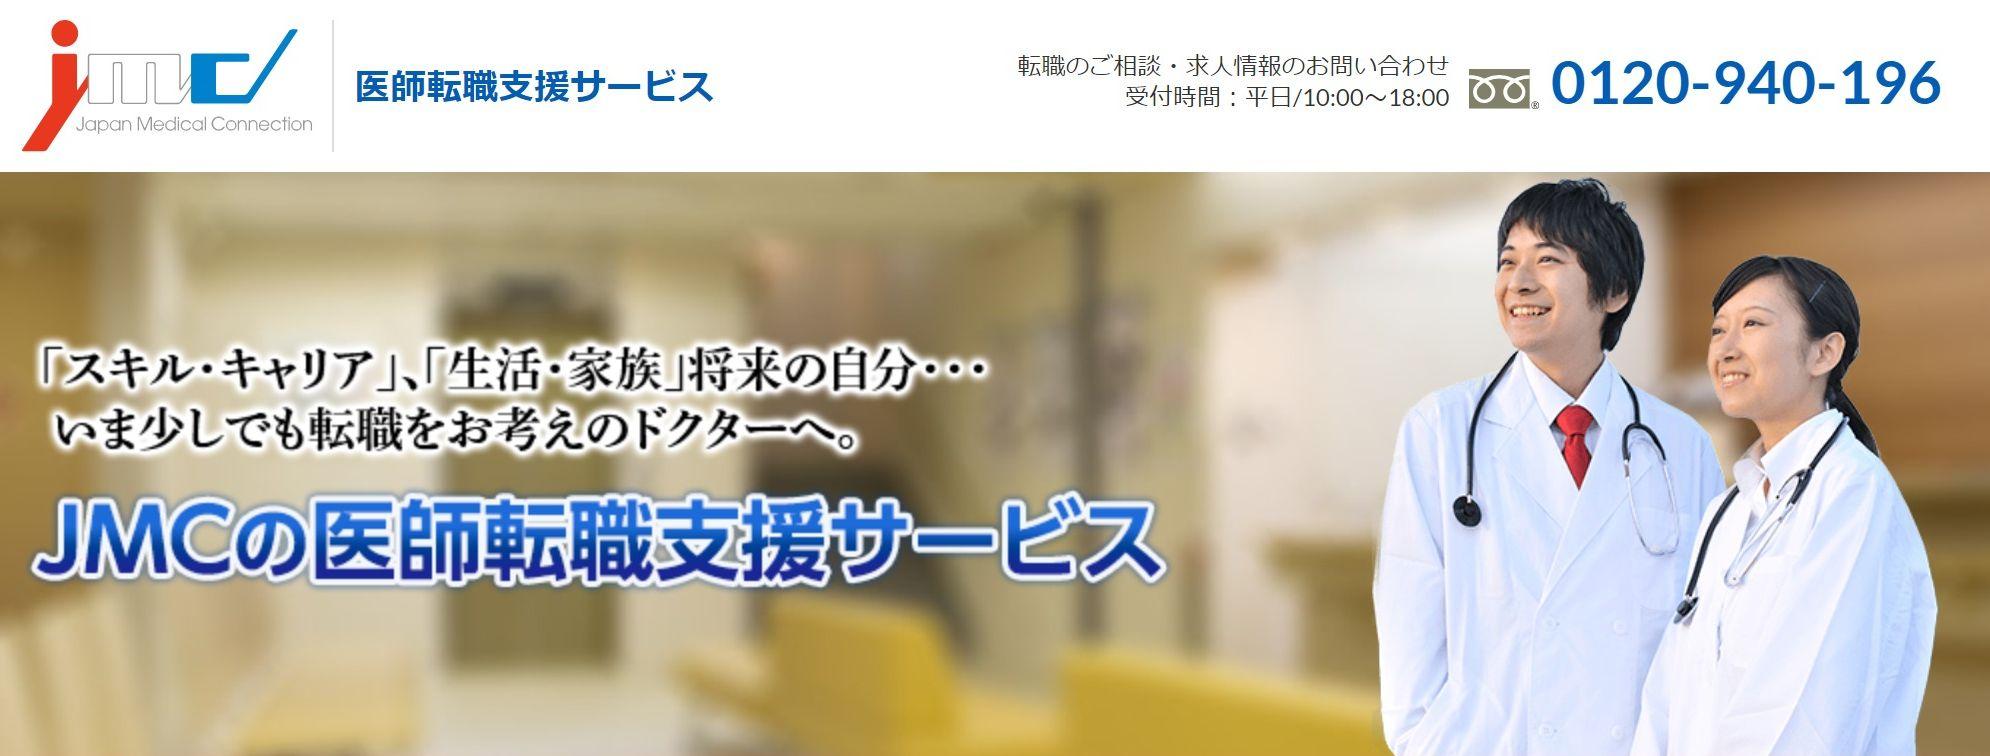 JMCの医師転職支援サービス ホームページ画像